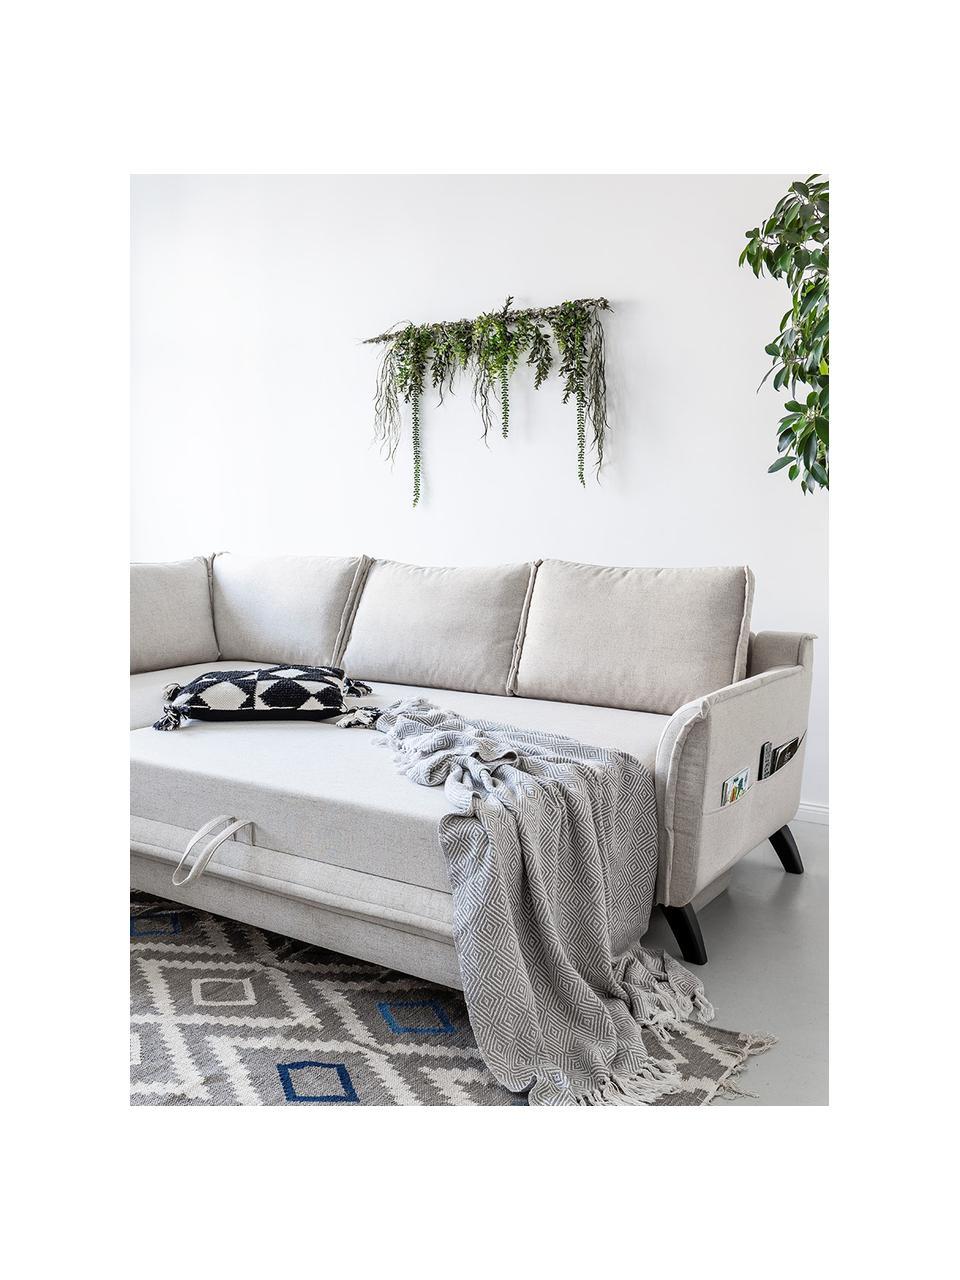 Divano letto angolare in tessuto beige Charming Charlie, Rivestimento: 100% poliestere con sensa, Struttura: legno, truciolato, Beige, Larg. 230 x Prof. 200 cm